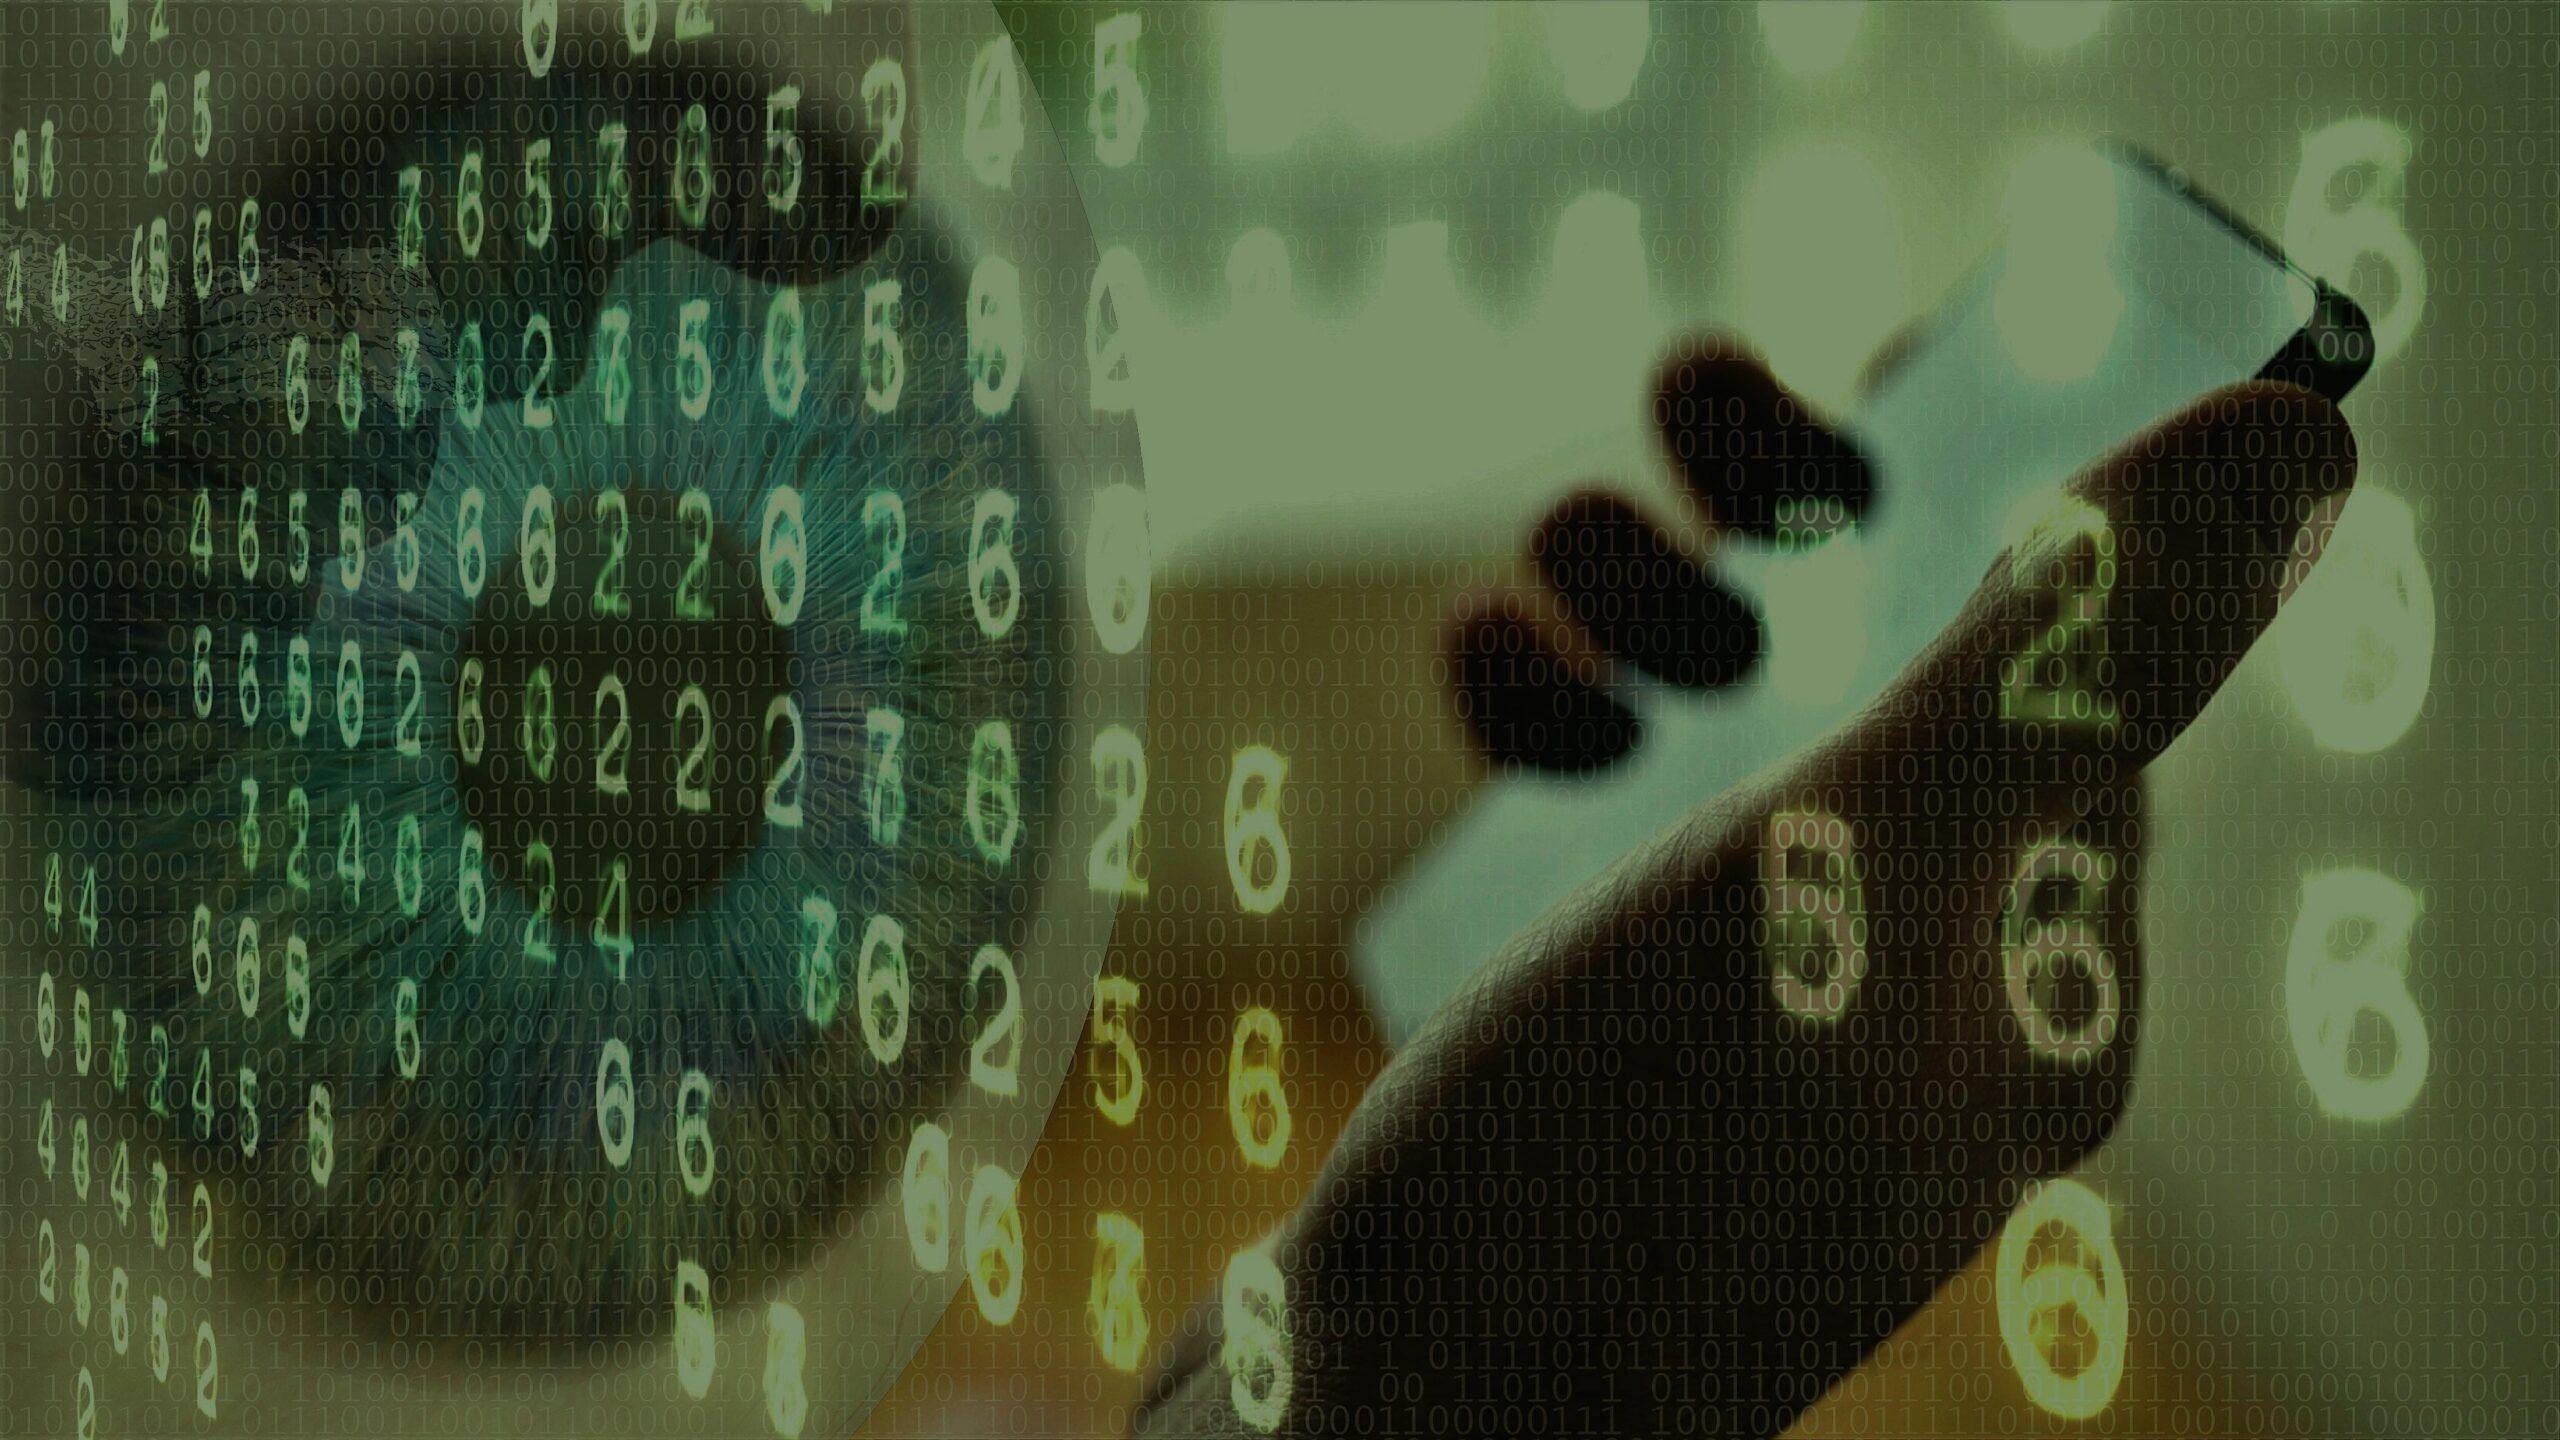 Sweden leading in digitalization, lacking in cybersecurity.